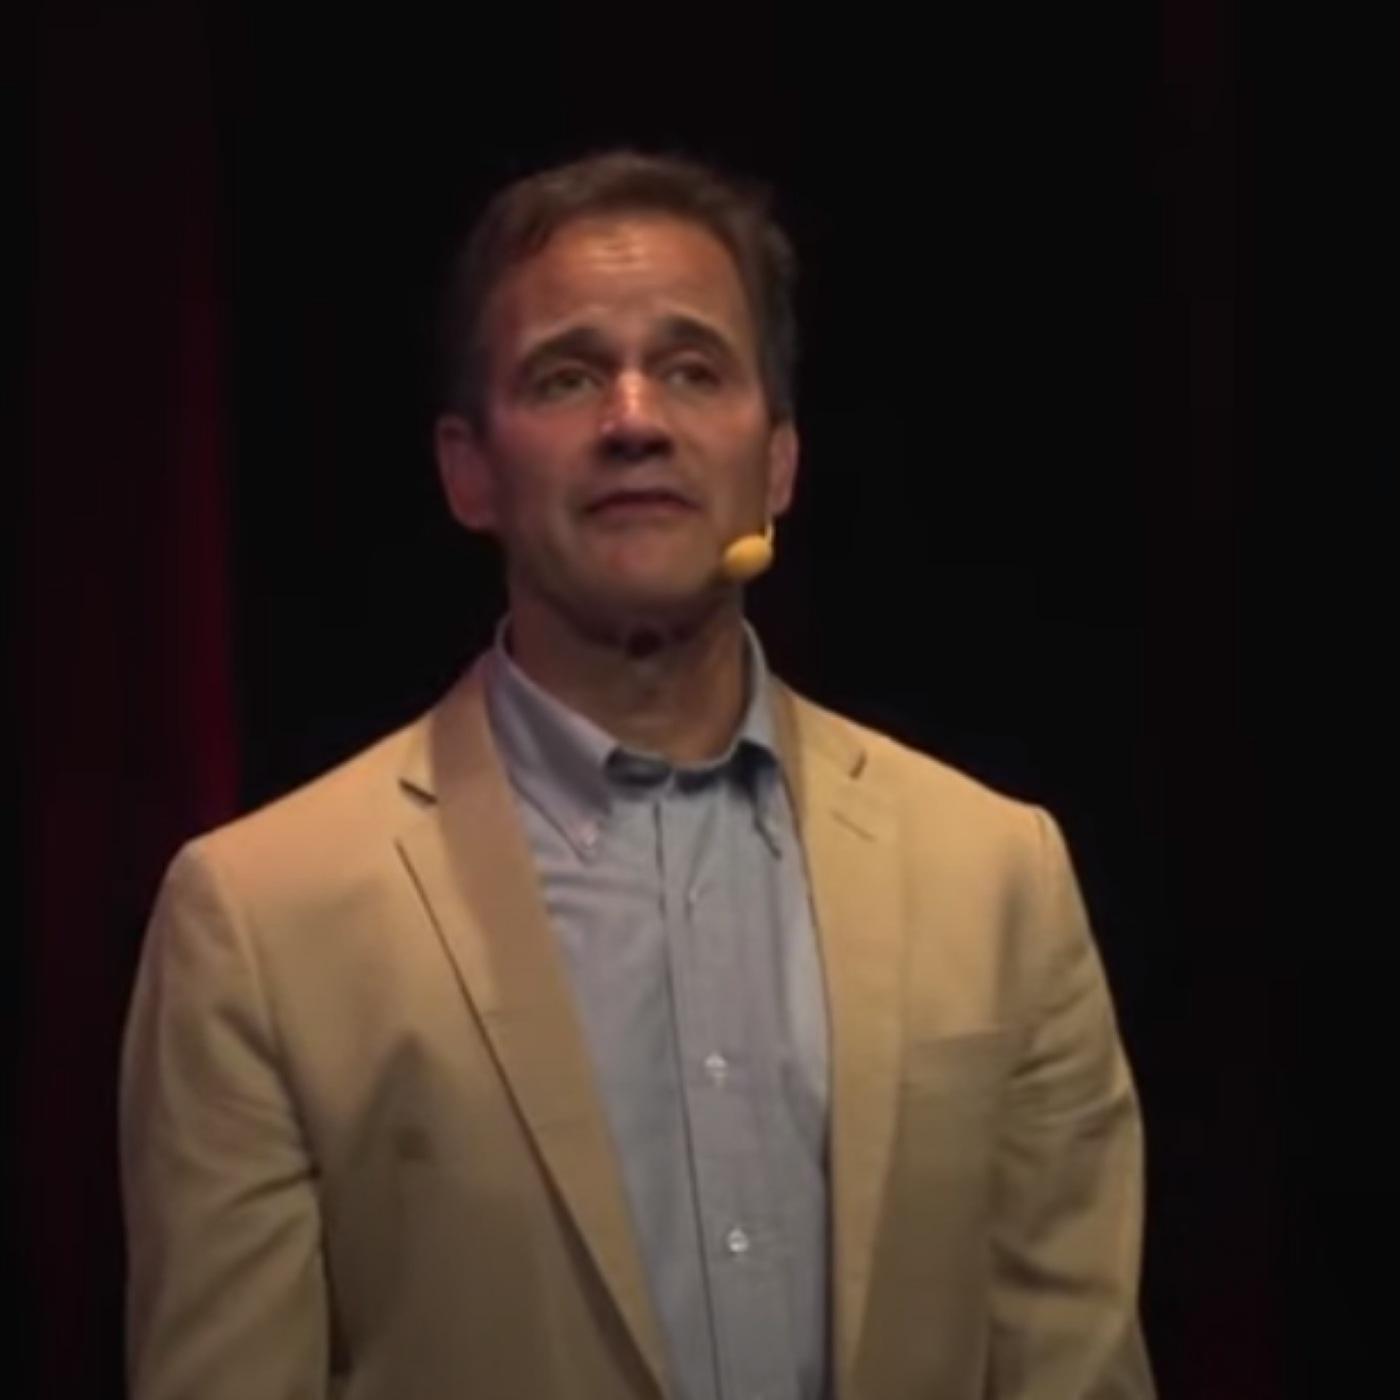 Гомосексуальность: вопрос выживания, а не секса (Джеймс О'Киф)